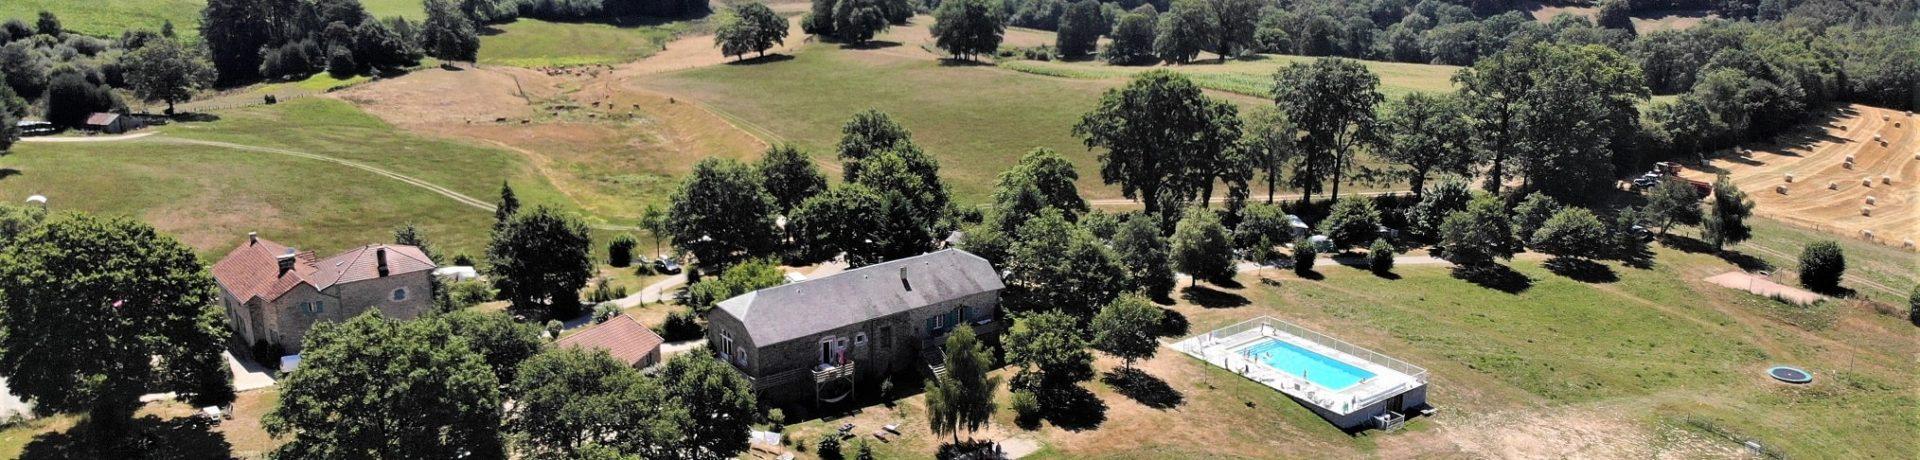 Domaine Les Teuillères in Lacam-d'Ourcet ligt in het hart van de Jardin du Ségala, een deel van de landstreek Quercy in het departement de Lot, vlakbij de Dordogne.